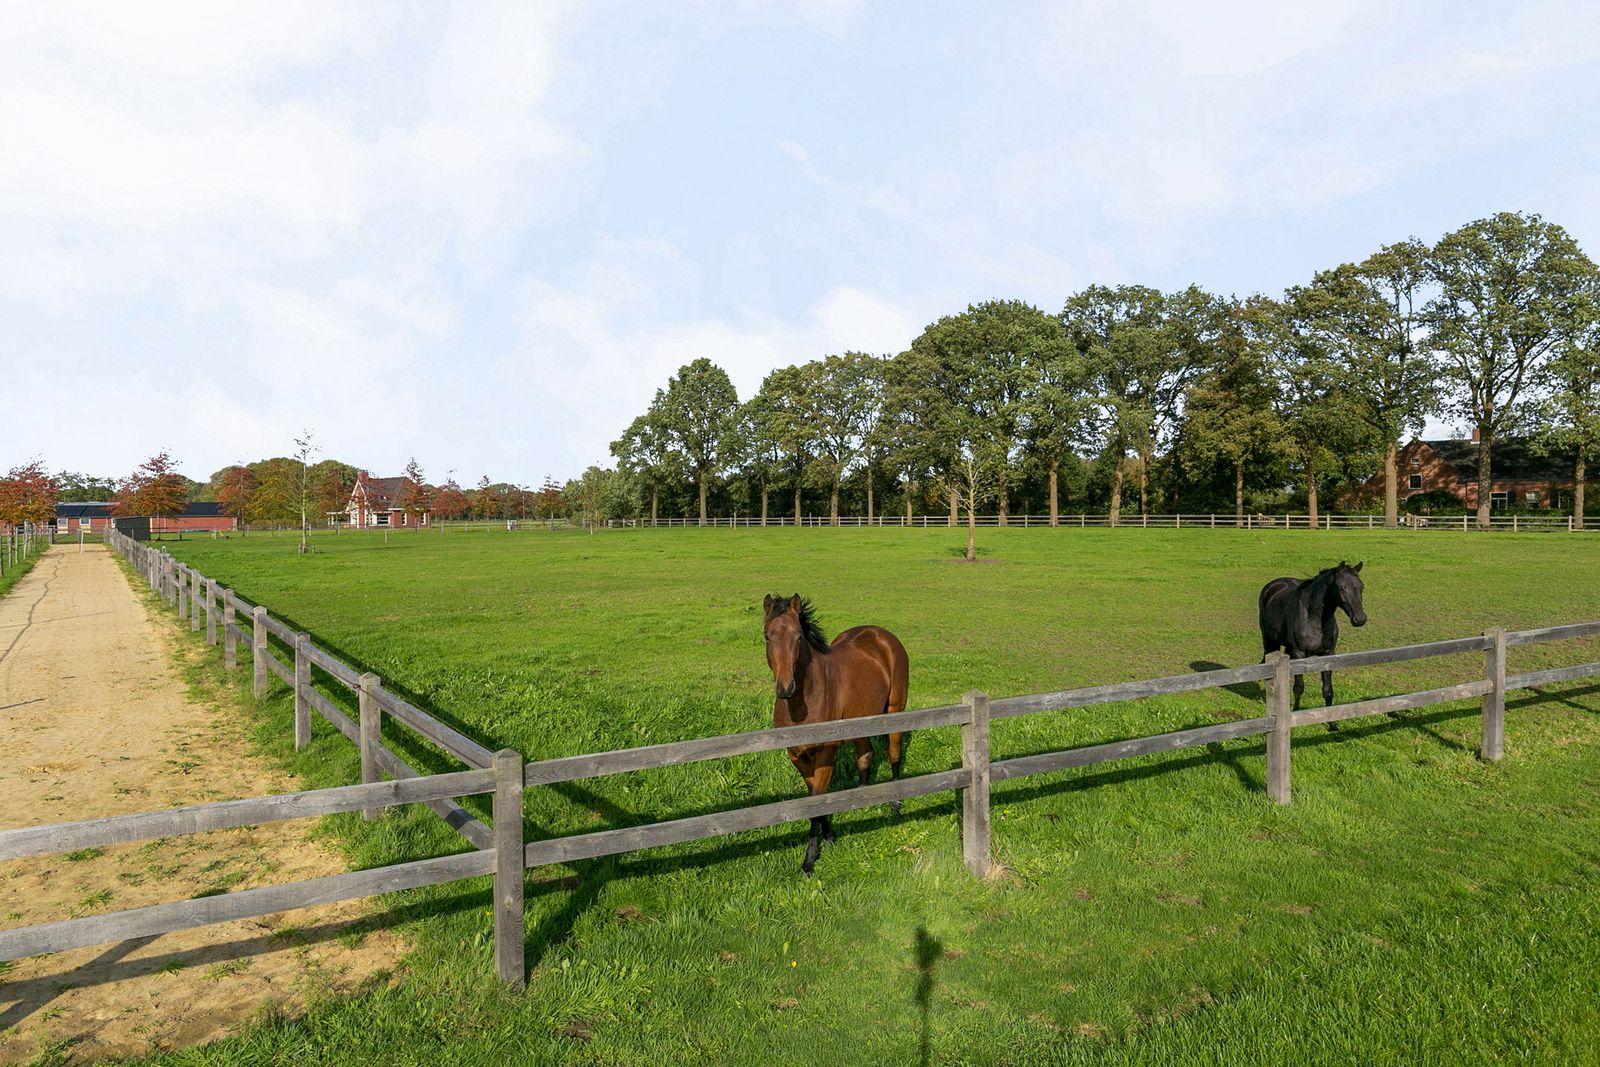 Op een schitterende locatie, midden in de natuur, staat deze moderne en luxe in 2018 gerealiseerde villa welke is voorzien van alle relevante faciliteiten voor de (professionele) paardenliefhebber. Directe uitrijmogelijkheden met uw paard(en) om de prachtige natuur van Chaam te verkennen! Resideren zoals menig paardenliefhebber het voor ogen heeft in alle rust en vrijheid. Heerlijk thuiskomen waarbij optimaal genoten kan worden van de prachtige vergezichten over de uitgestrekte landerijen en weides waar uw paarden rondlopen en grazen.  Het prachtige domein van 2,88 ha (28.800 m²) is uitgerust met een buitenrijbak voorzien van Agterberg bodem, een luxe paardenstal bestaande uit een zestal ruime paardenboxen met vrije in– en uitloopmogelijkheden naar de volledig omheinde buitenweides, een poetsplaats, kantine/foyer, zadelkamer en een tweetal opslagruimtes. De paardenstal is voorzien van maar liefst 52 zonnepanelen.  Buiten de paarden zijn ook de bewoners hier van alle gemakken voorzien. Deze hoogwaardig afgewerkte villa biedt nieuwe bewoners een zee aan ruimte - de uitgelezen kans om royaal wonen met werken/hobby te combineren.   BEGANE GROND Zeer statige hal/entree met toiletruimte en vaste houten trap naar de eerste verdieping. Middels een dubbele glazen deur is de living toegankelijk.  Afwerking- tegelvloer, stucwerk wanden en een stucwerk plafond. Meterkast- 3 groepen, 4x krachtstroom en een aardlekschakelaarbeveiliging.  Toiletruimte met 'zwevend' toilet en fonteintje. Afwerking- tegelvloer, wandtegels met stucwerk en een stucwerk plafond.  Riante living met aan alle zijden een subliem uitzicht. Een plezierige– en lichte ruimte met elektrisch bedienbare screens en een romantische allesbrander. Afwerking- massief eiken houten vloer, stucwerk wanden en een stucwerk plafond.  Stijlvolle en open keuken uitgerust met een hardstenen aanrechtblad, elektrische stoomoven, een oven, koelkast met perfect fresh zone, vaatwasser en RVS spoelbak met Quooker. Het kookeiland bes